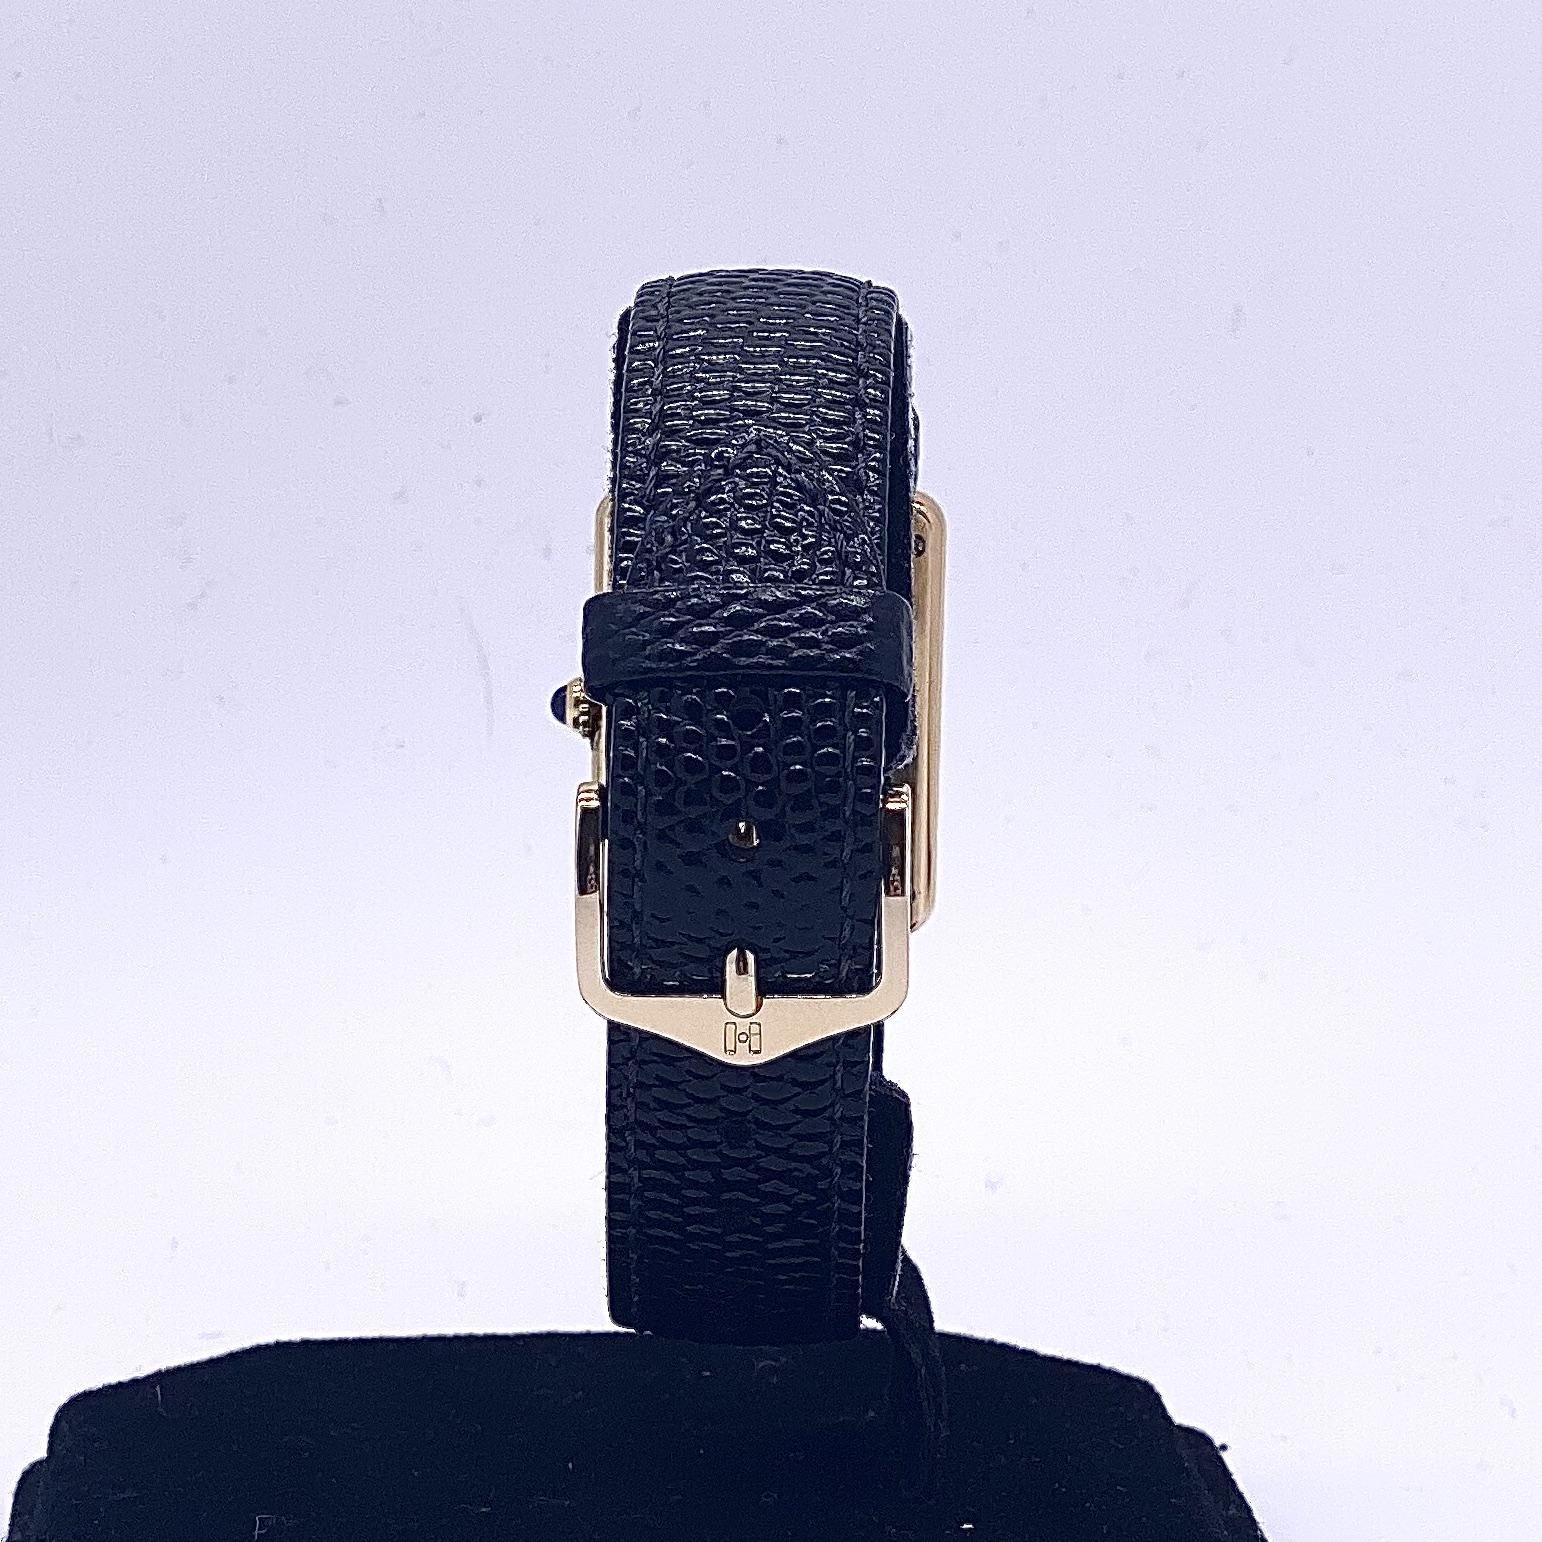 Cartier Tank Quartz Vermeil - Image 3 of 4